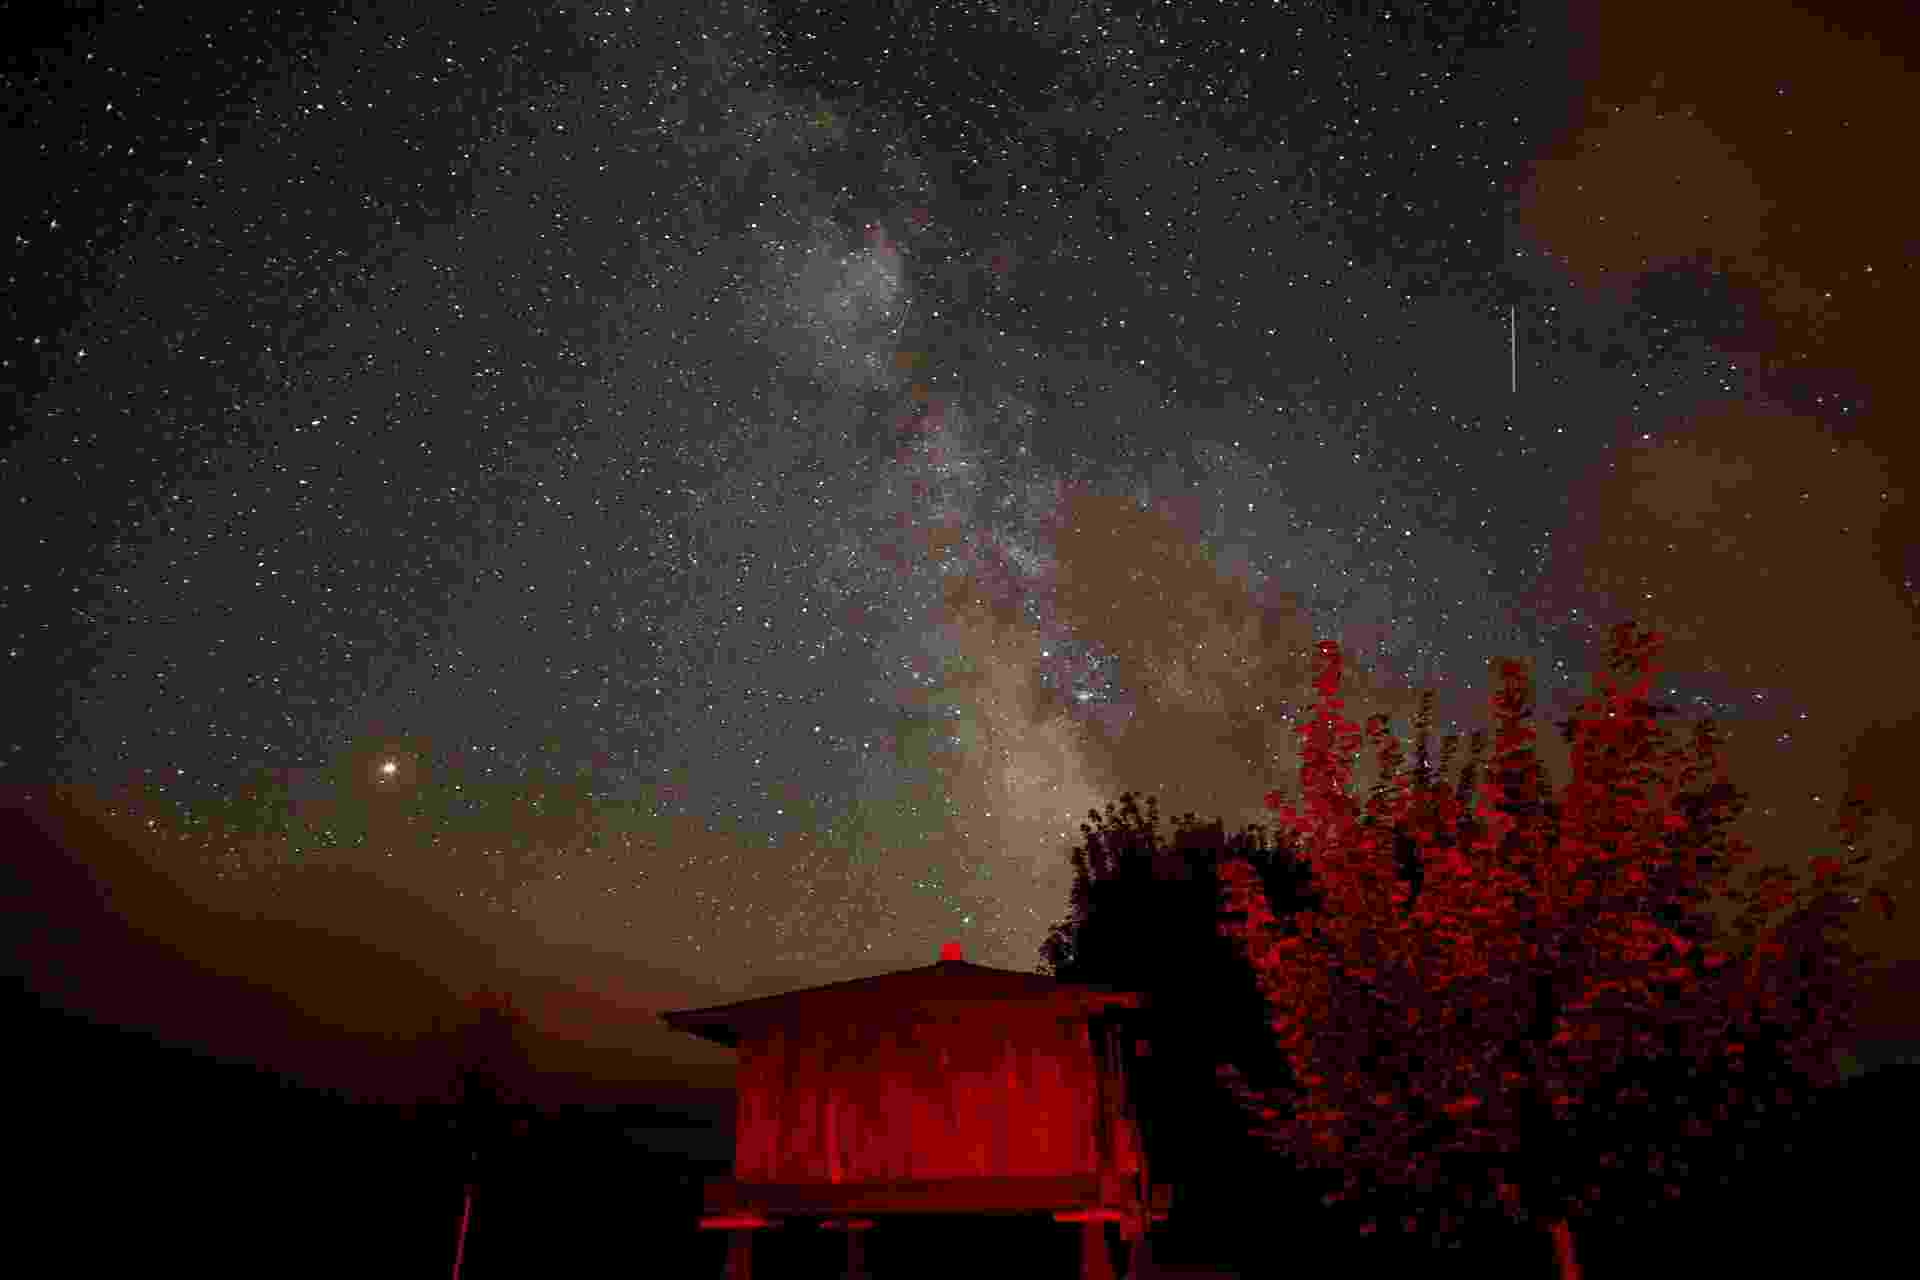 Meteoro entrando na atmosfera terrestre deixa rastro no céu noturno em Berducedo, na Espanha.  As partículas de poeira do cometa Swift-Tuttle entram em combustão ao atravessar atmosfera terrestre, formando a chuva de meteoros Perseidas - Paul Hanna/Reuters